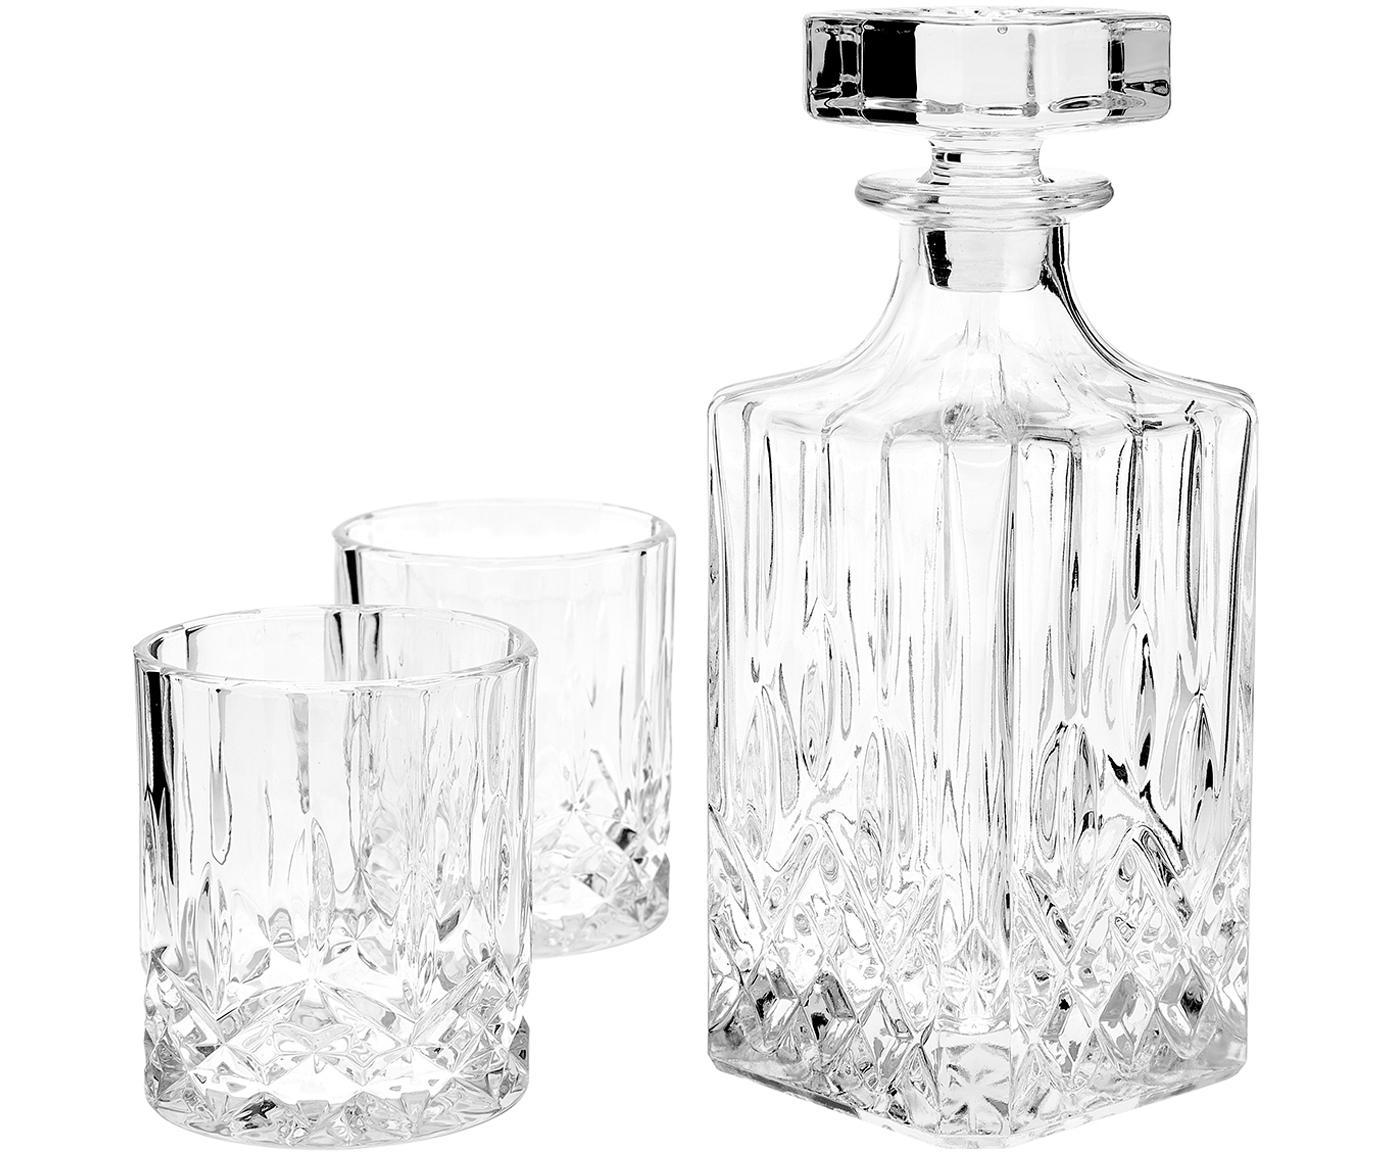 Set de whisky George, 3pzas., Vidrio, Transparente, Tamaños diferentes